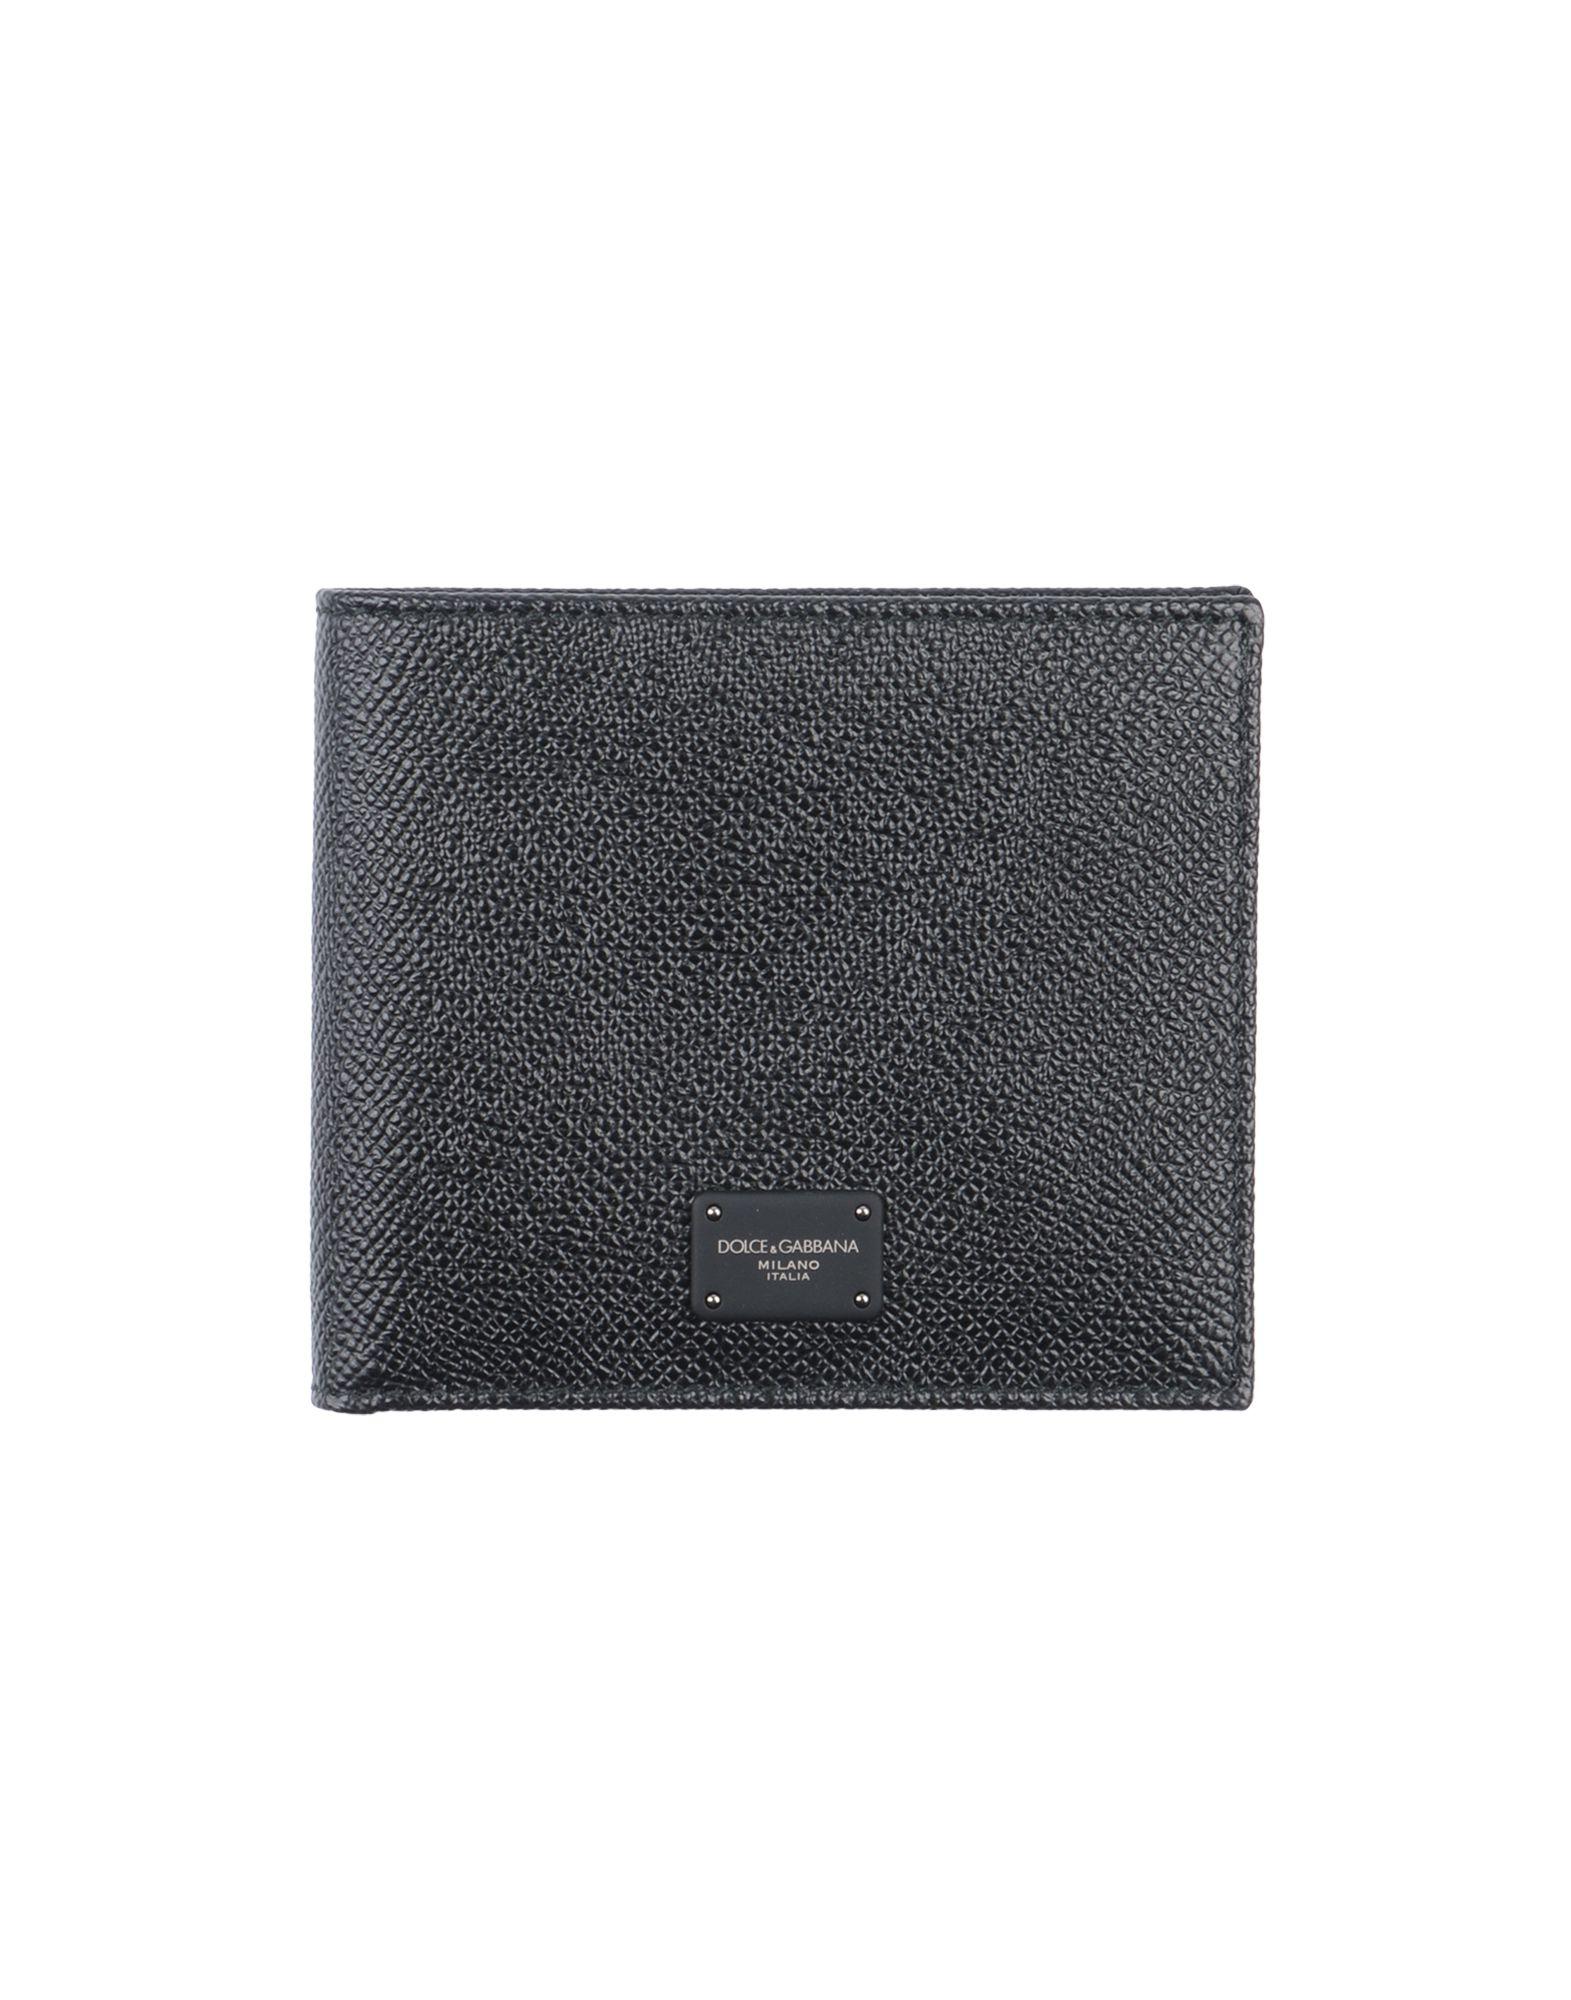 《2万円以上オーダーで送料無料》DOLCE & GABBANA メンズ 財布 スチールグレー 革